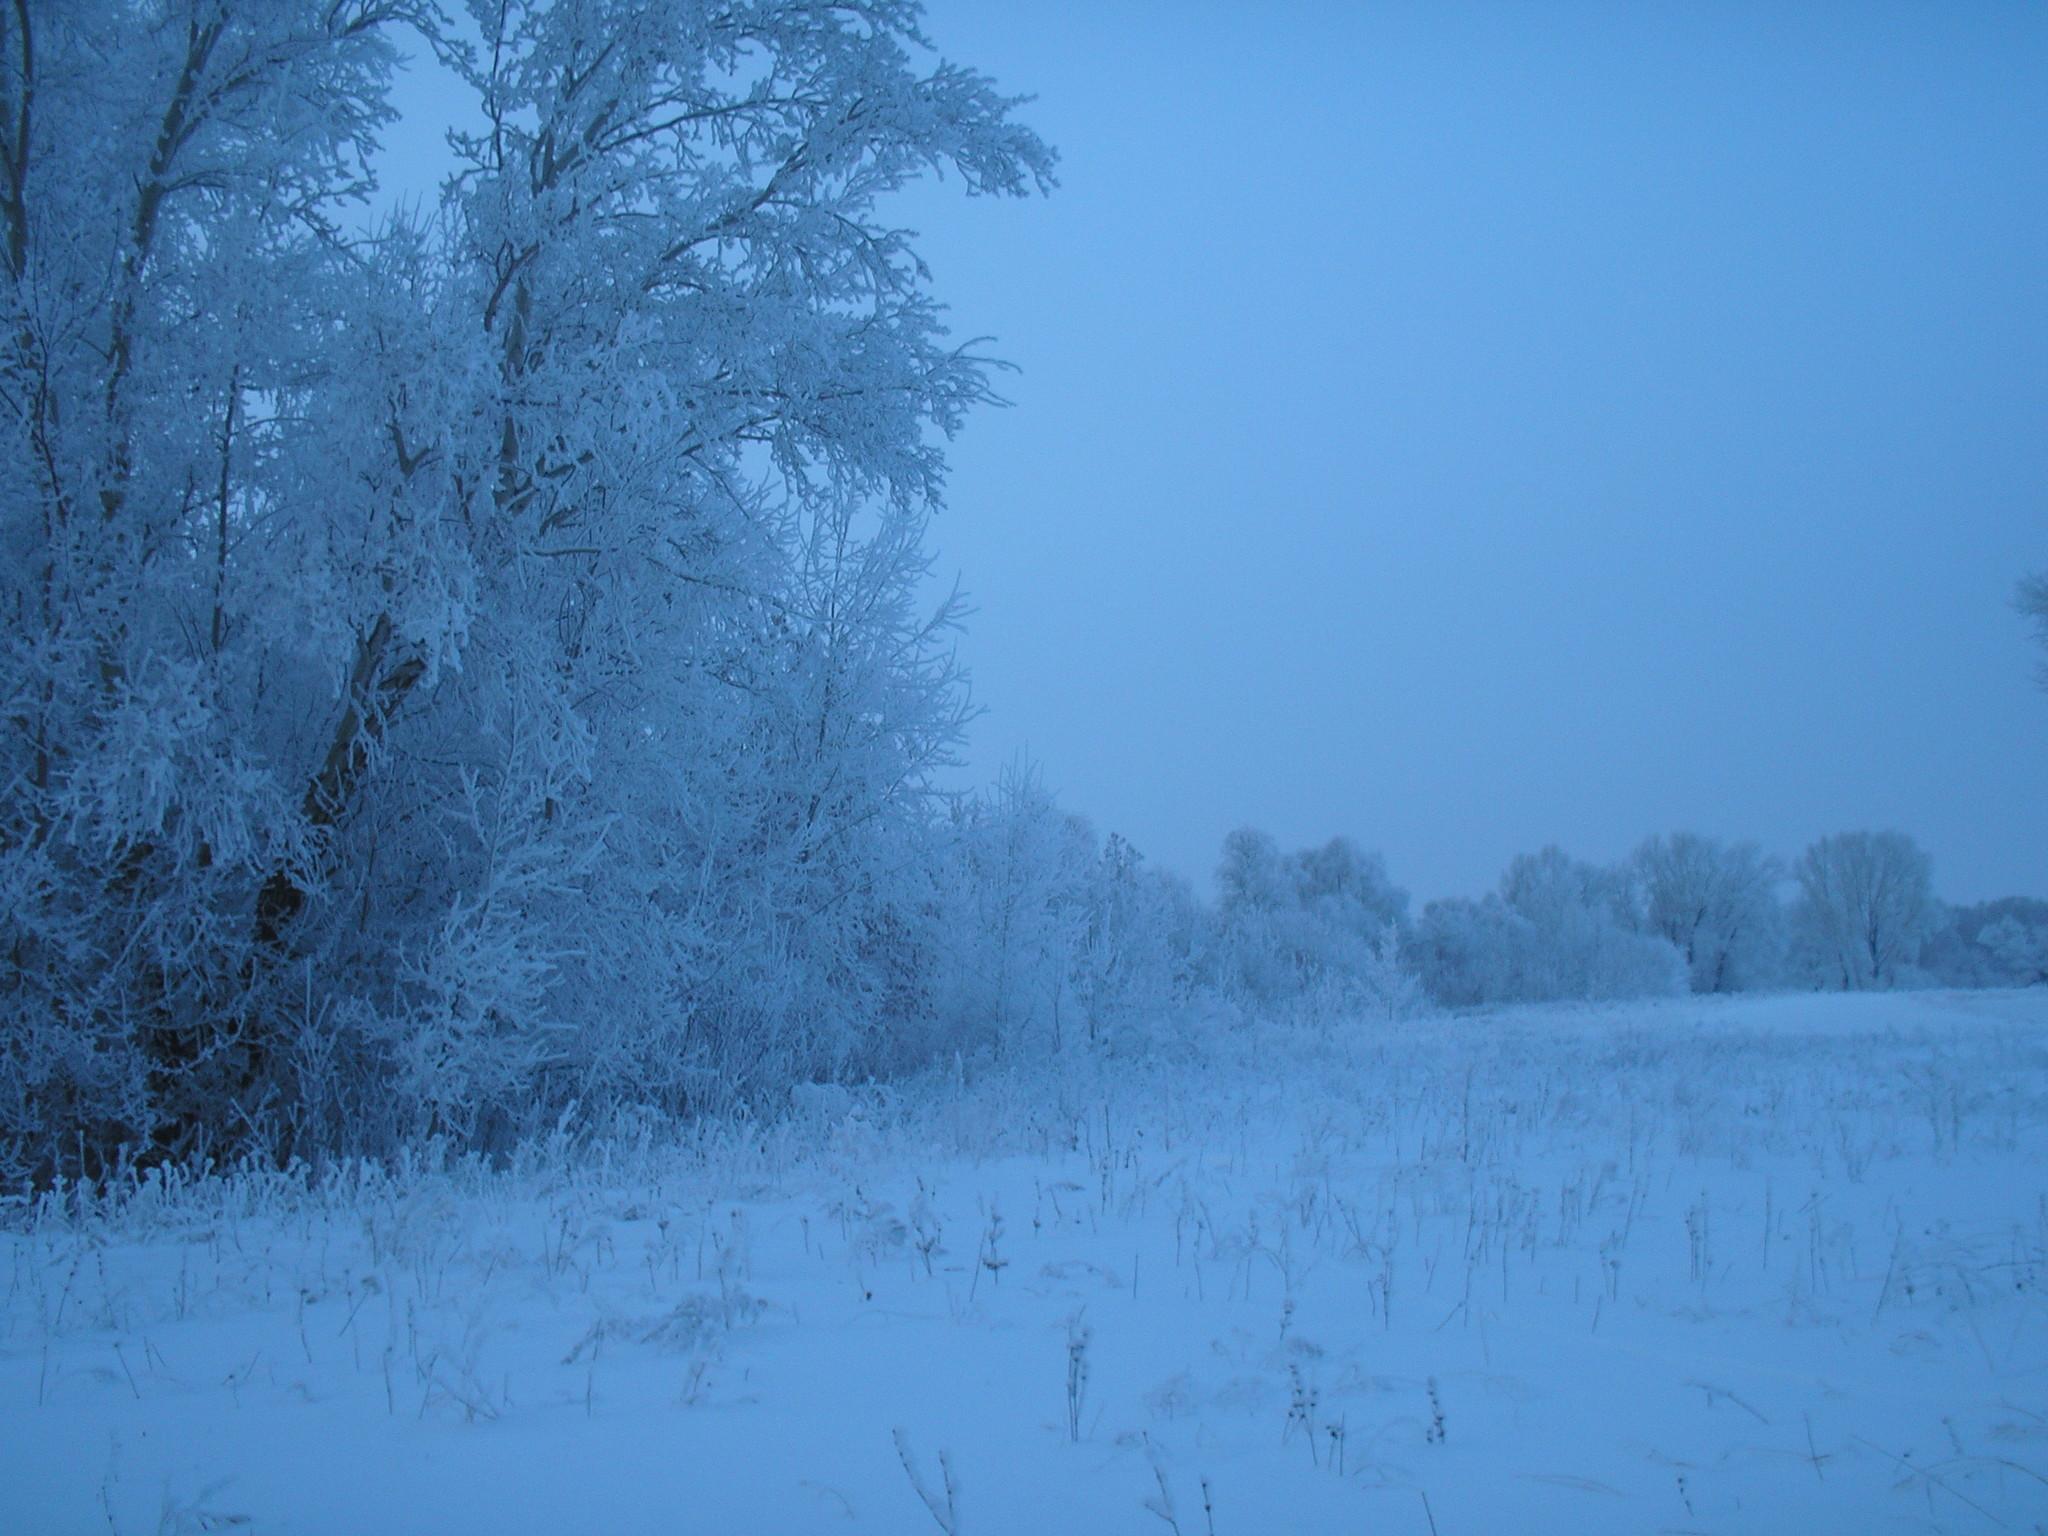 зимнее лето картинки поэтому запустили